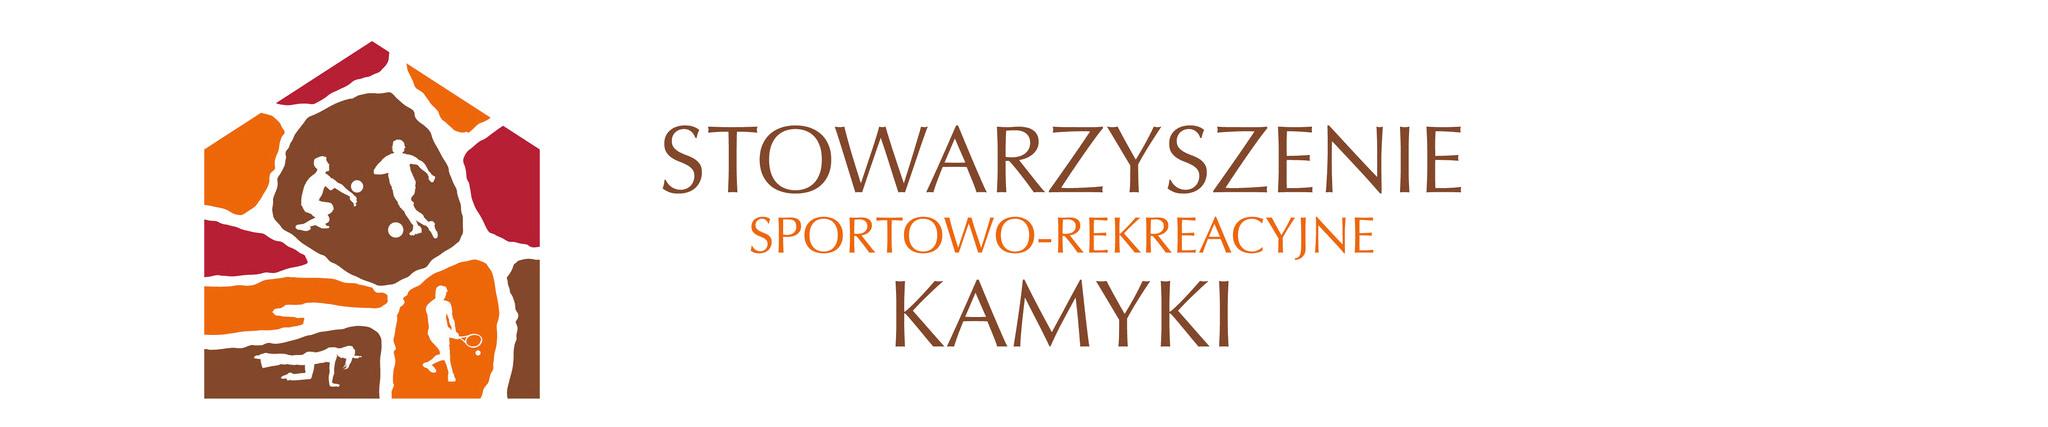 """Stowarzyszenie Sportowo-Rekreacyjne """"Kamyki"""""""